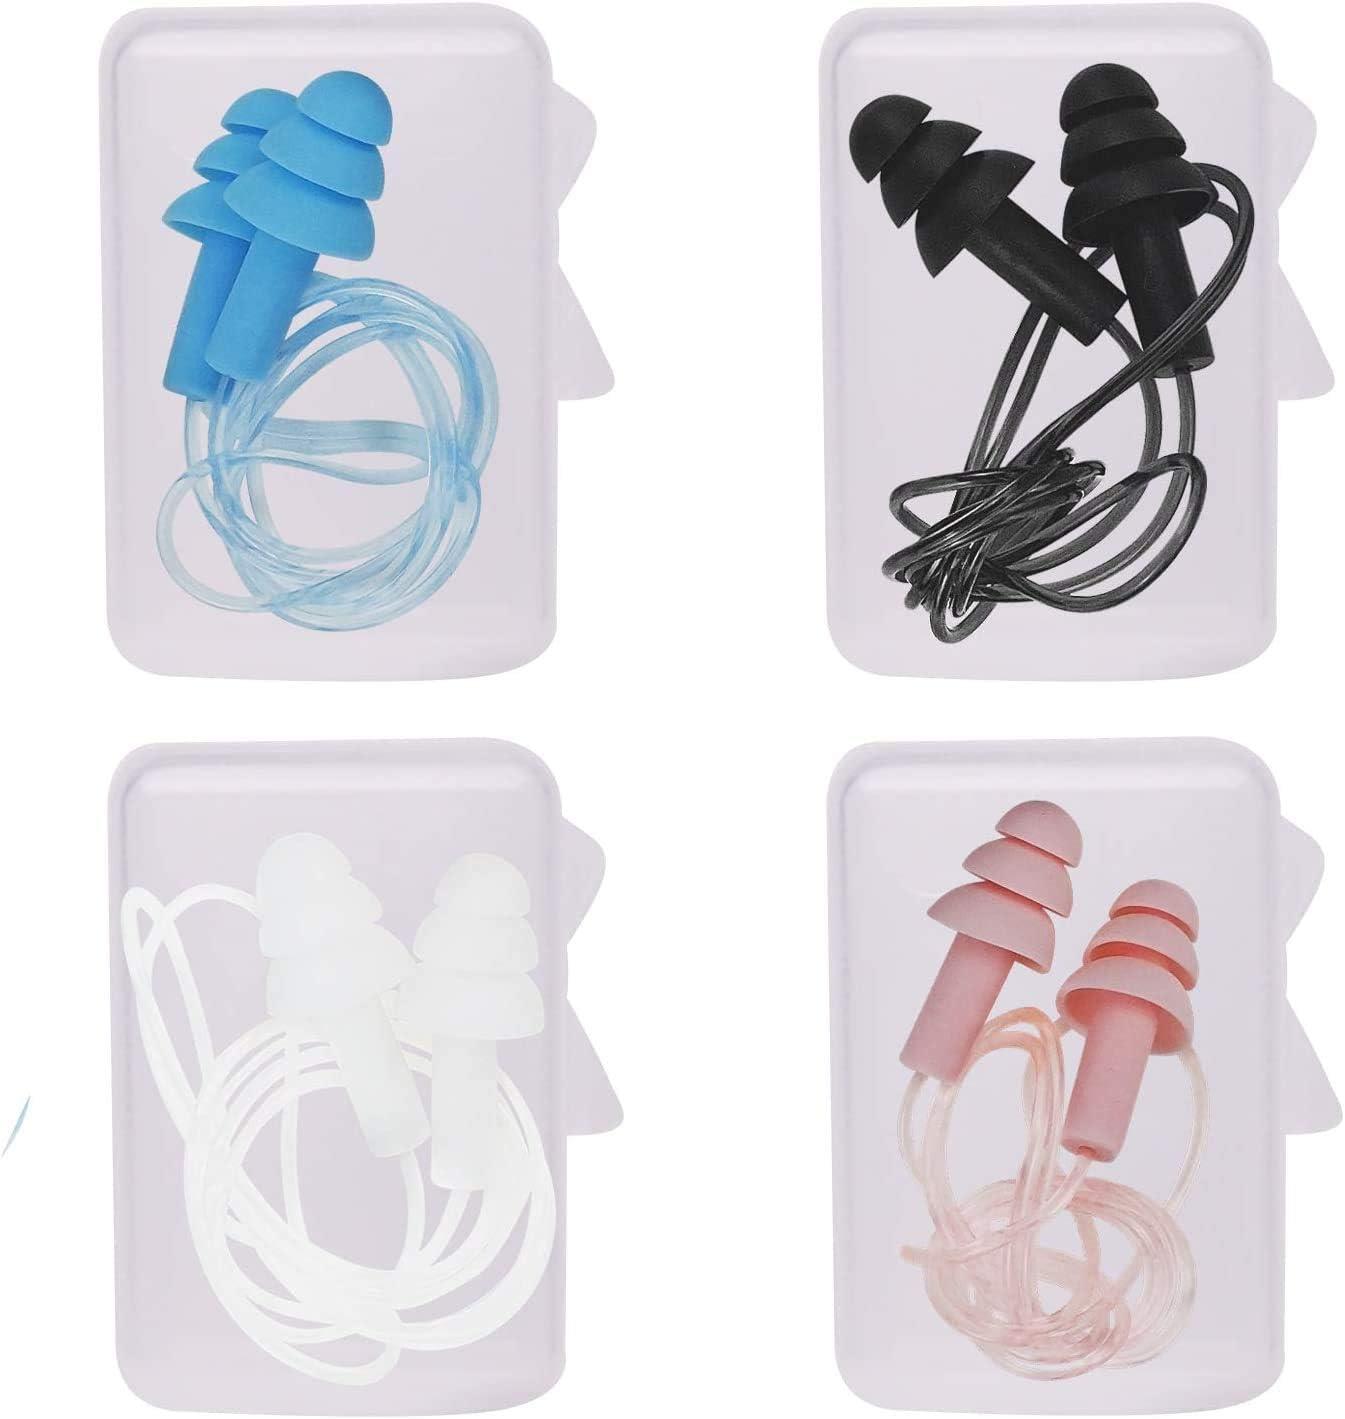 Tapones para los o/ídos de silicona blanda y resistente al agua nadar con cancelaci/ón de ruido protecci/ón auditiva de alta fidelidad para dormir reutilizables trabajar viajar. concierto